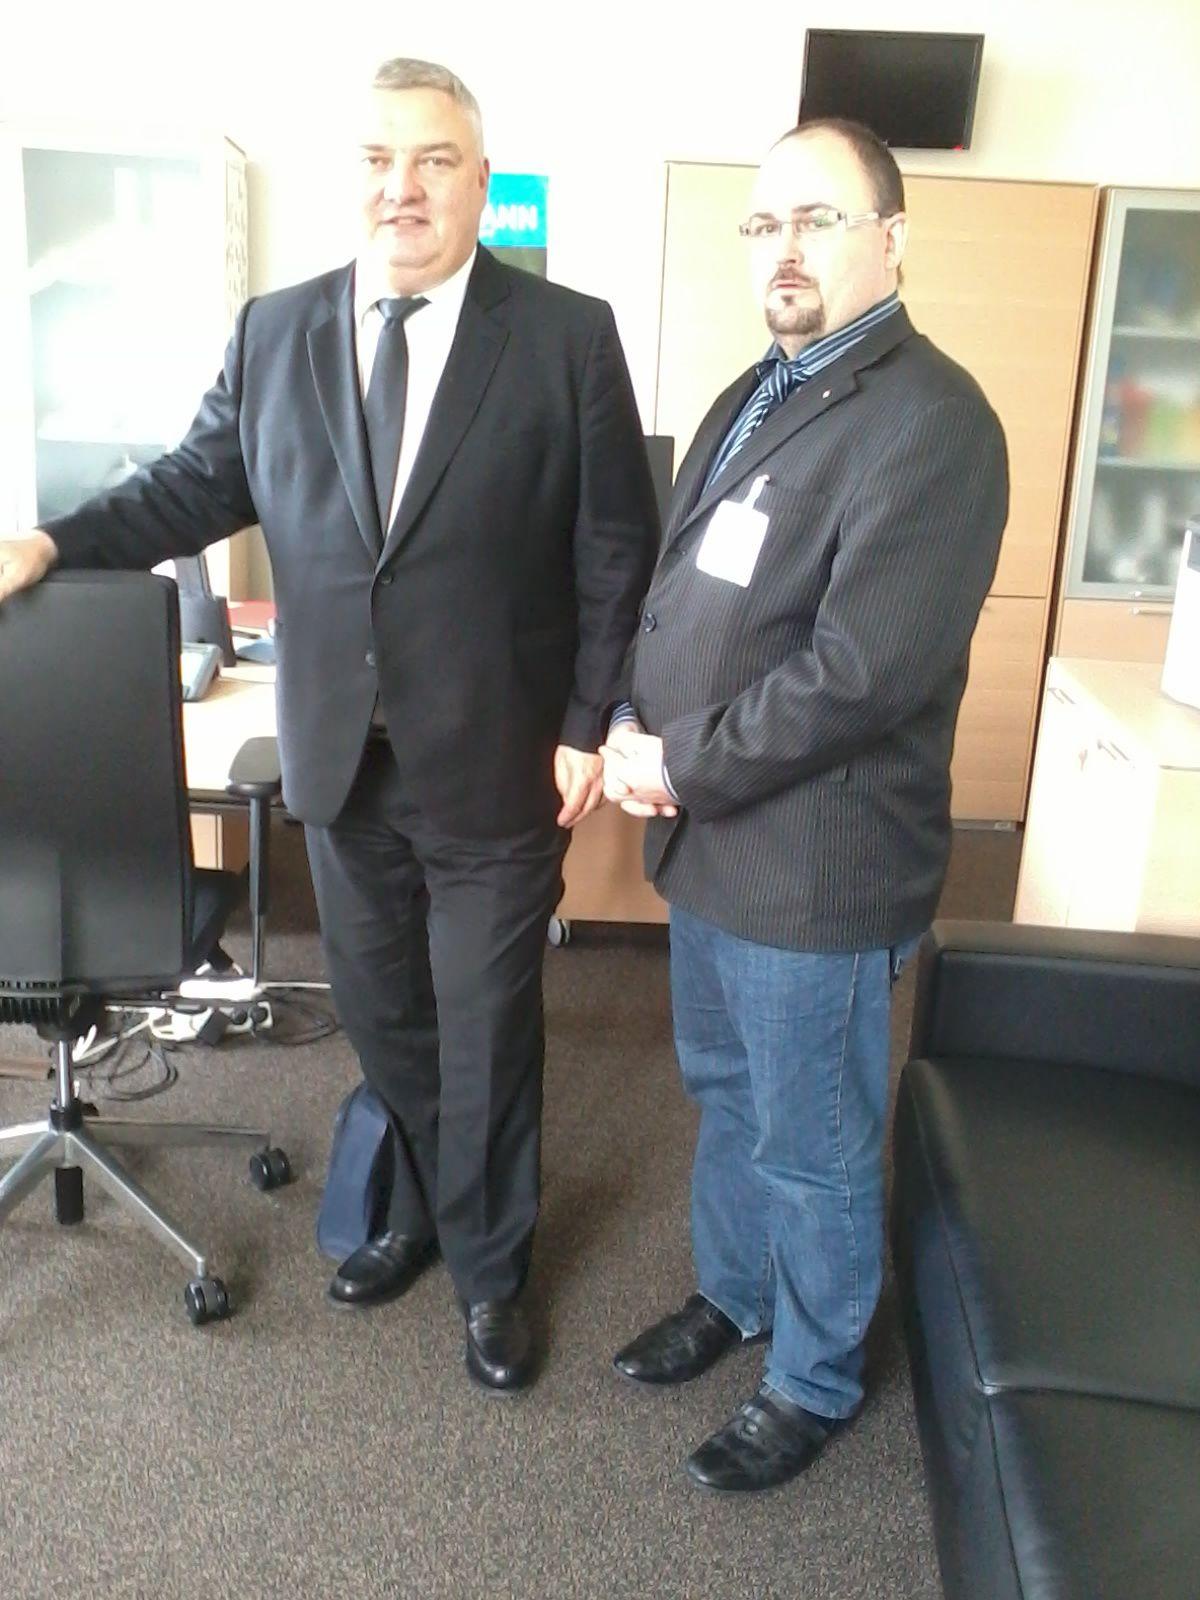 Le Député Eric STRAUMANN et Le Président du SDPM à l'Assemblée Nationale